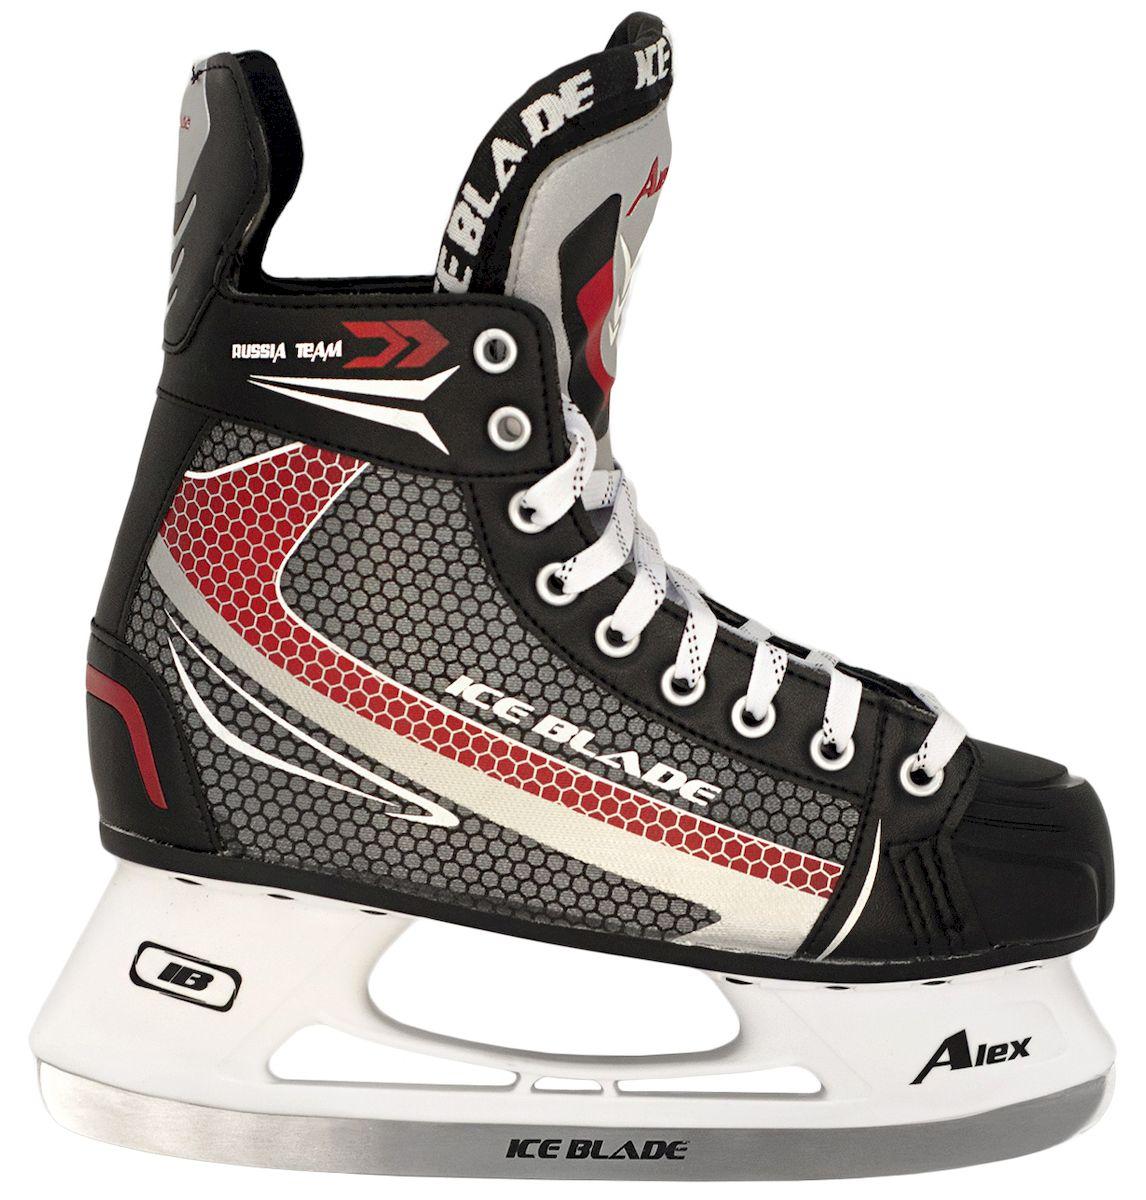 Коньки хоккейные Ice Blade Alex New, цвет: черный, красный, серый. УТ-00006868. Размер 43